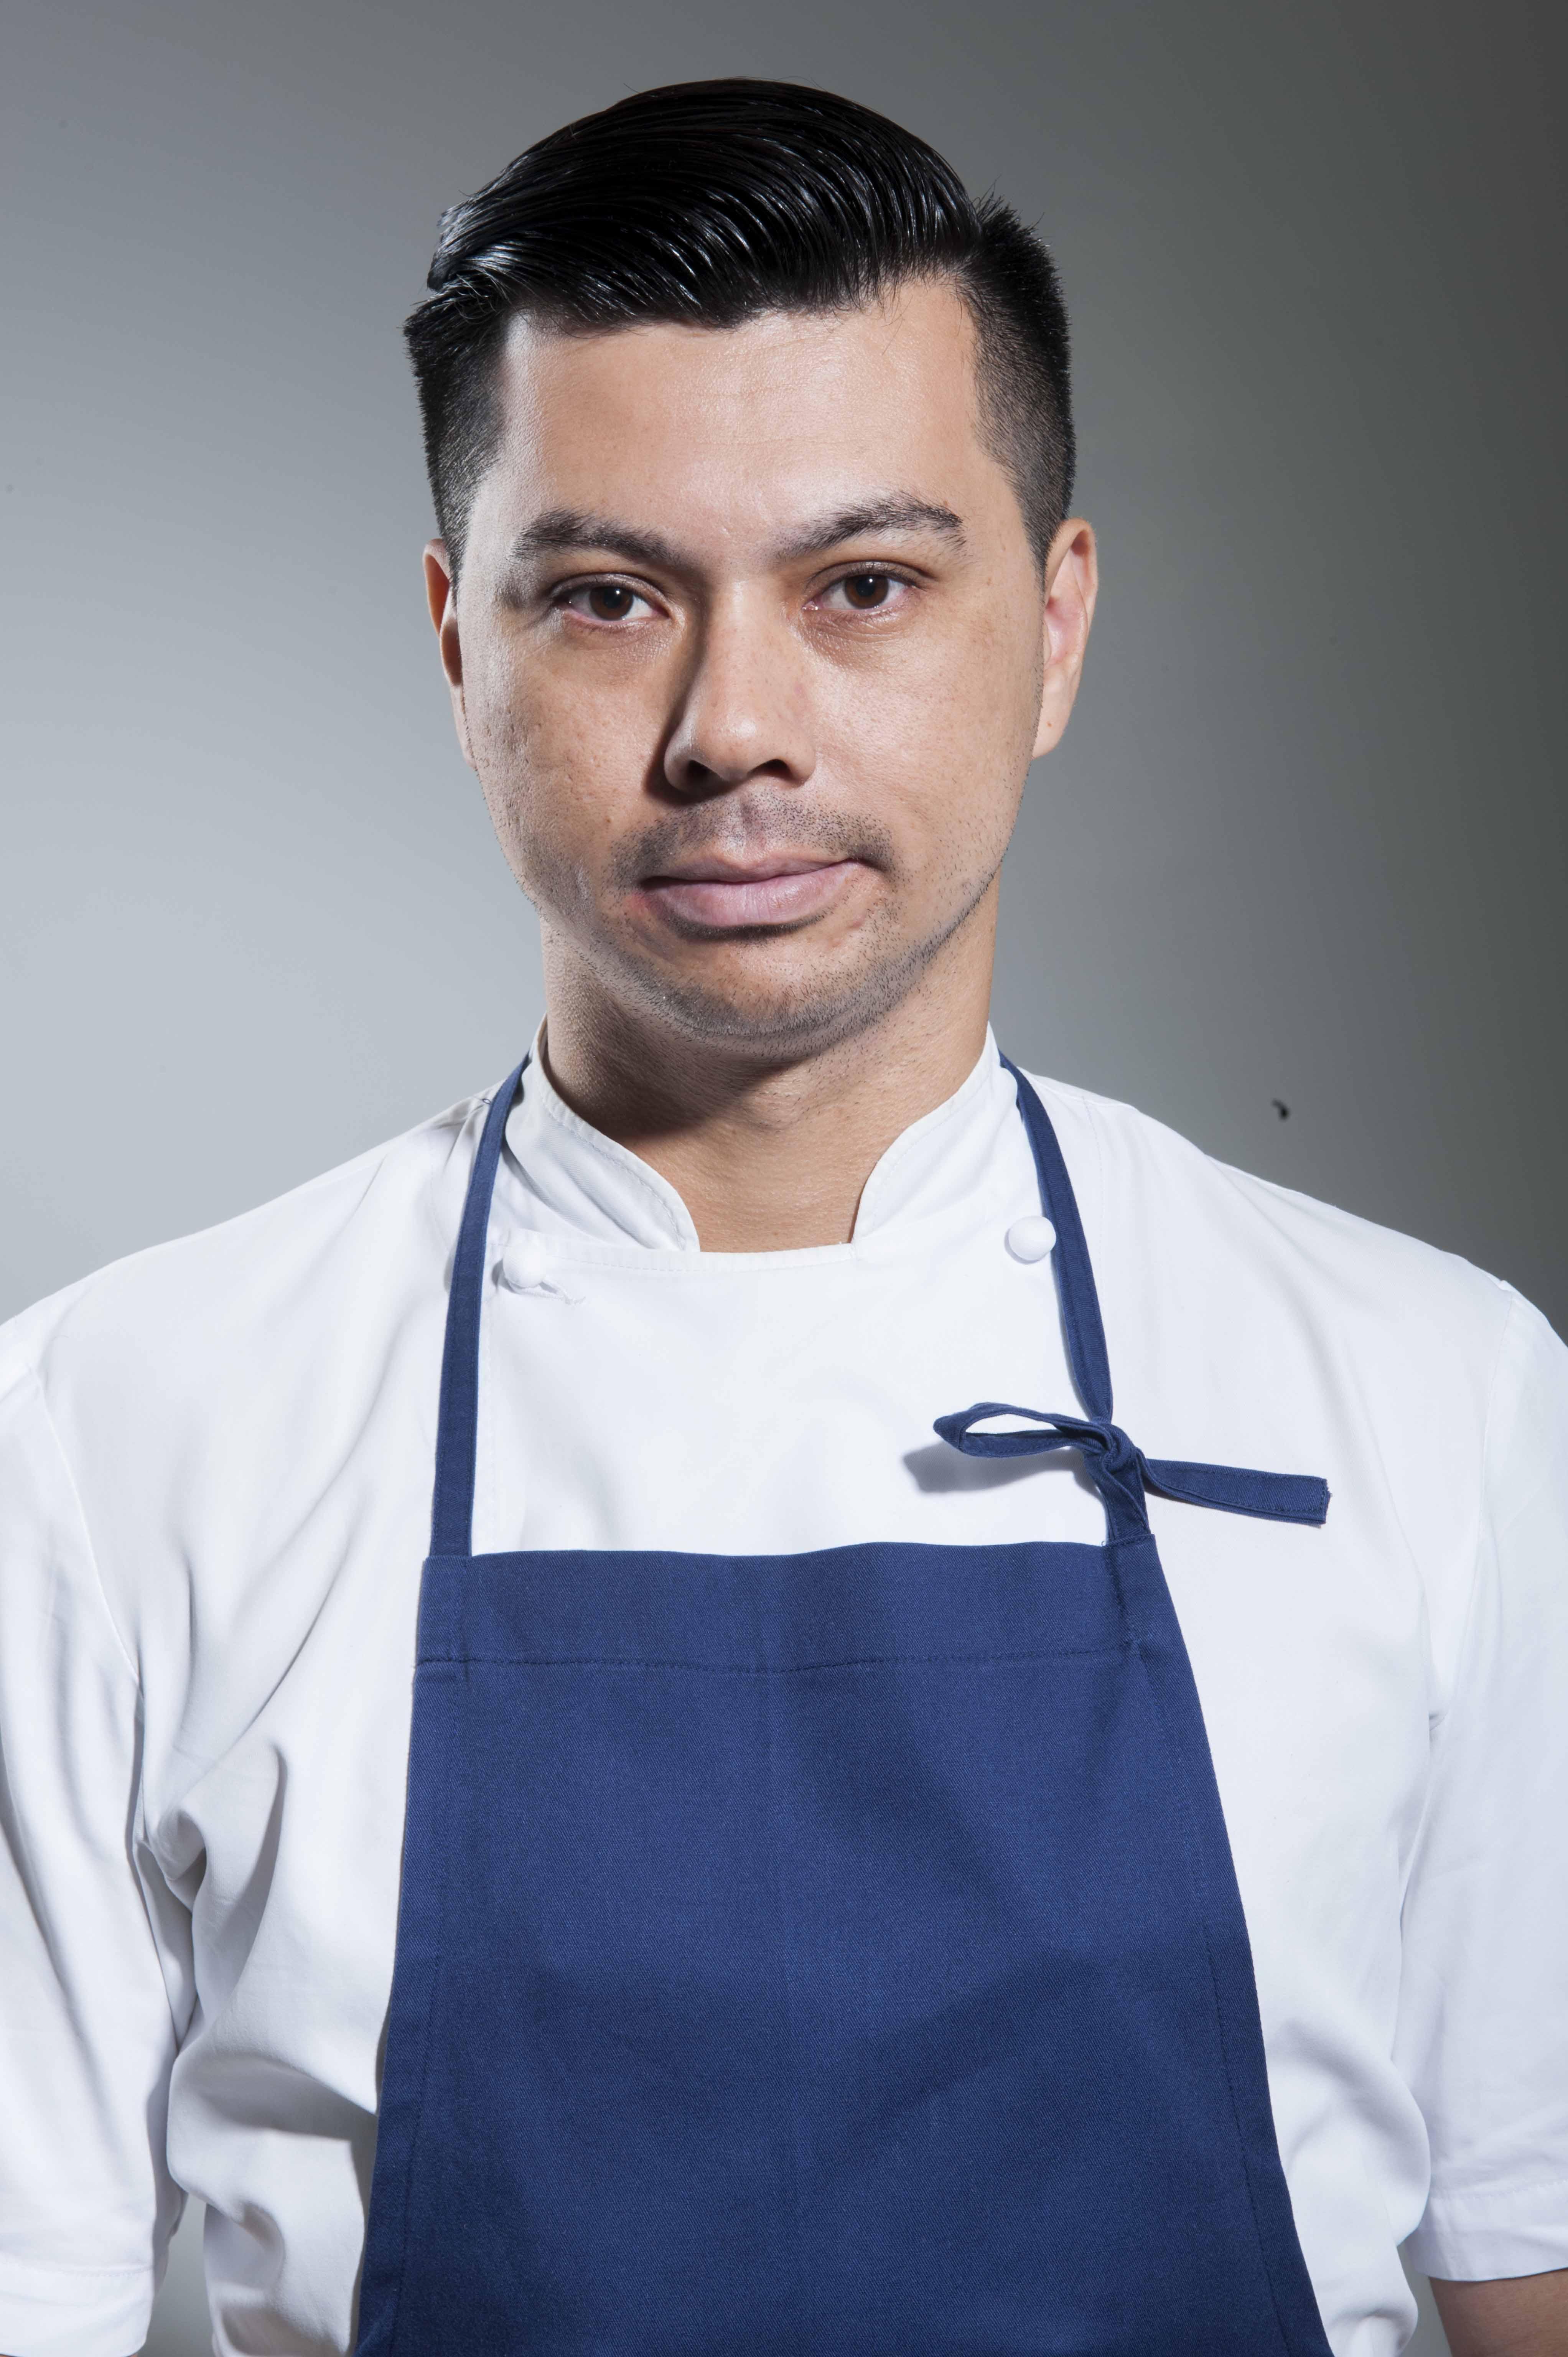 O chef Alberto Landgraf é o próximo convidado da Paella Fest